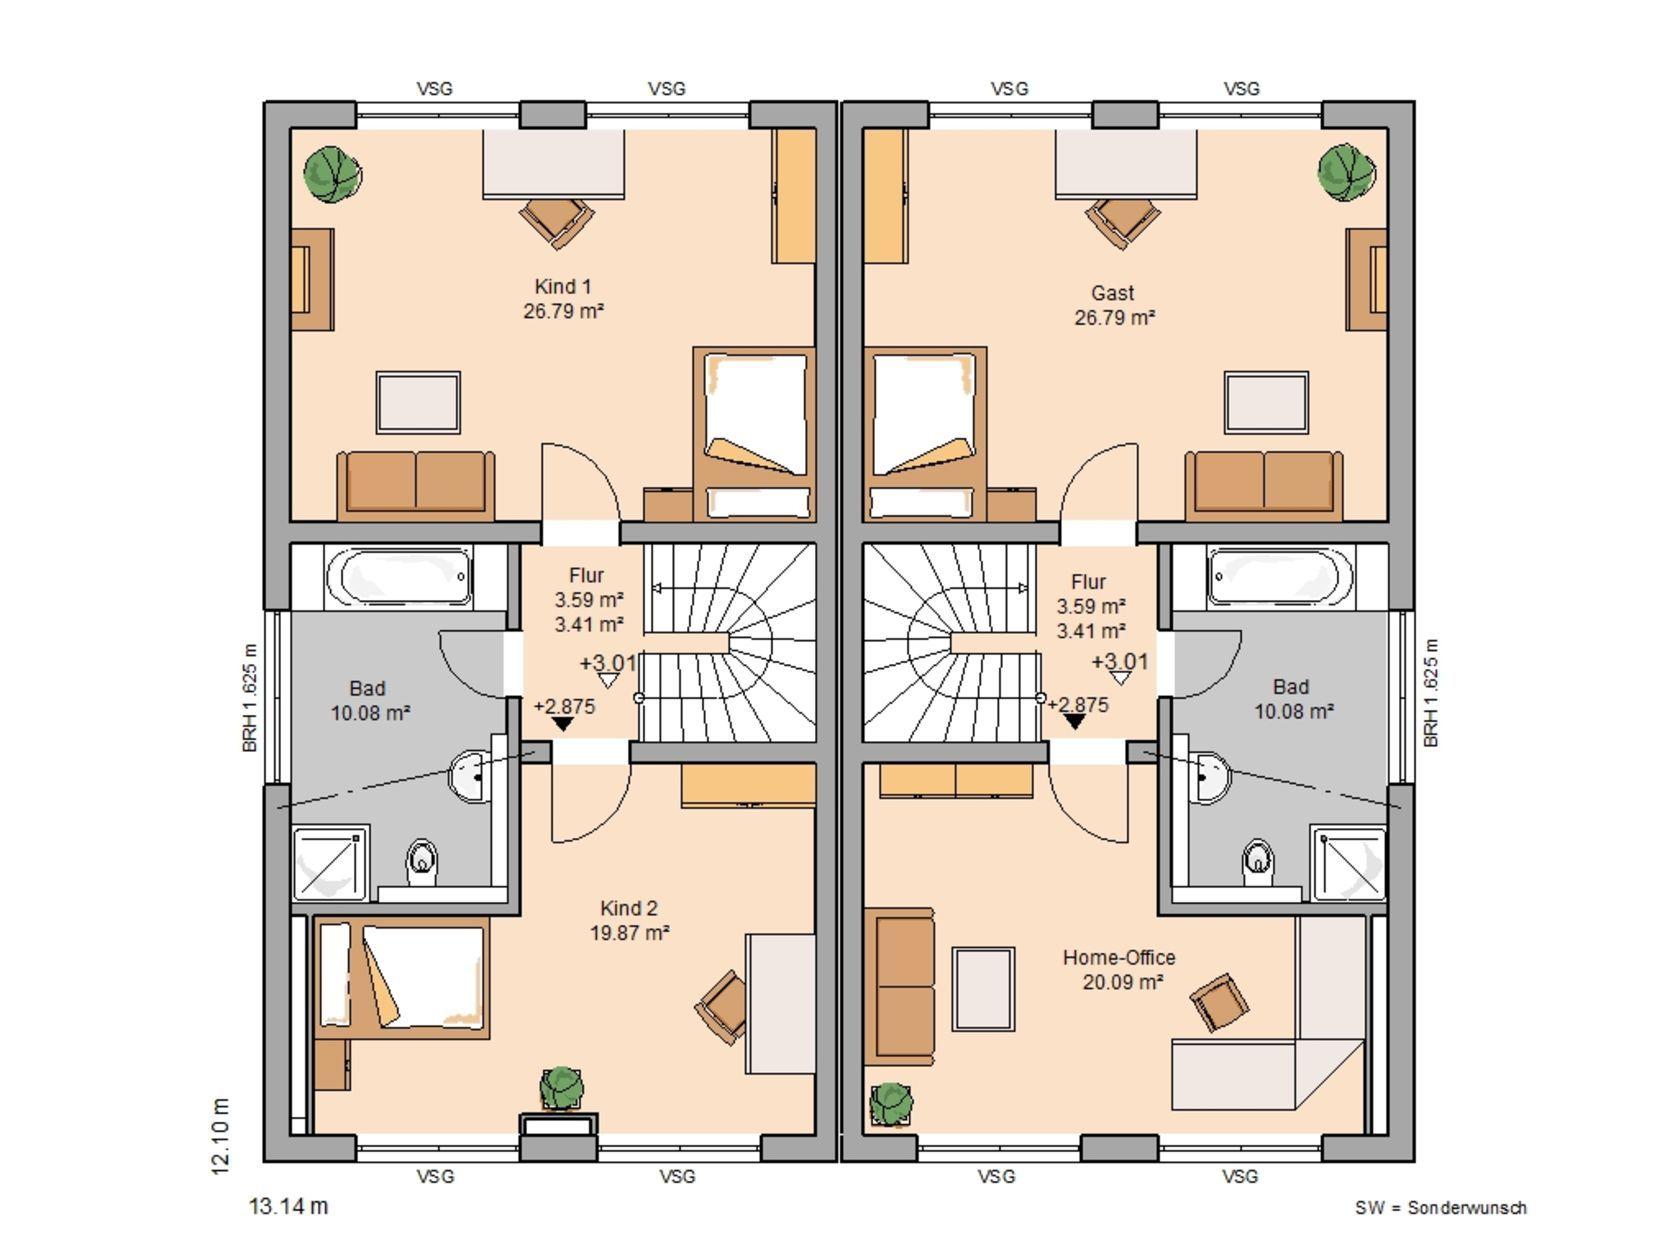 Doppelh user home haus haus grundriss en kern haus - Moderne grundrisse wohnungen beispiele ...